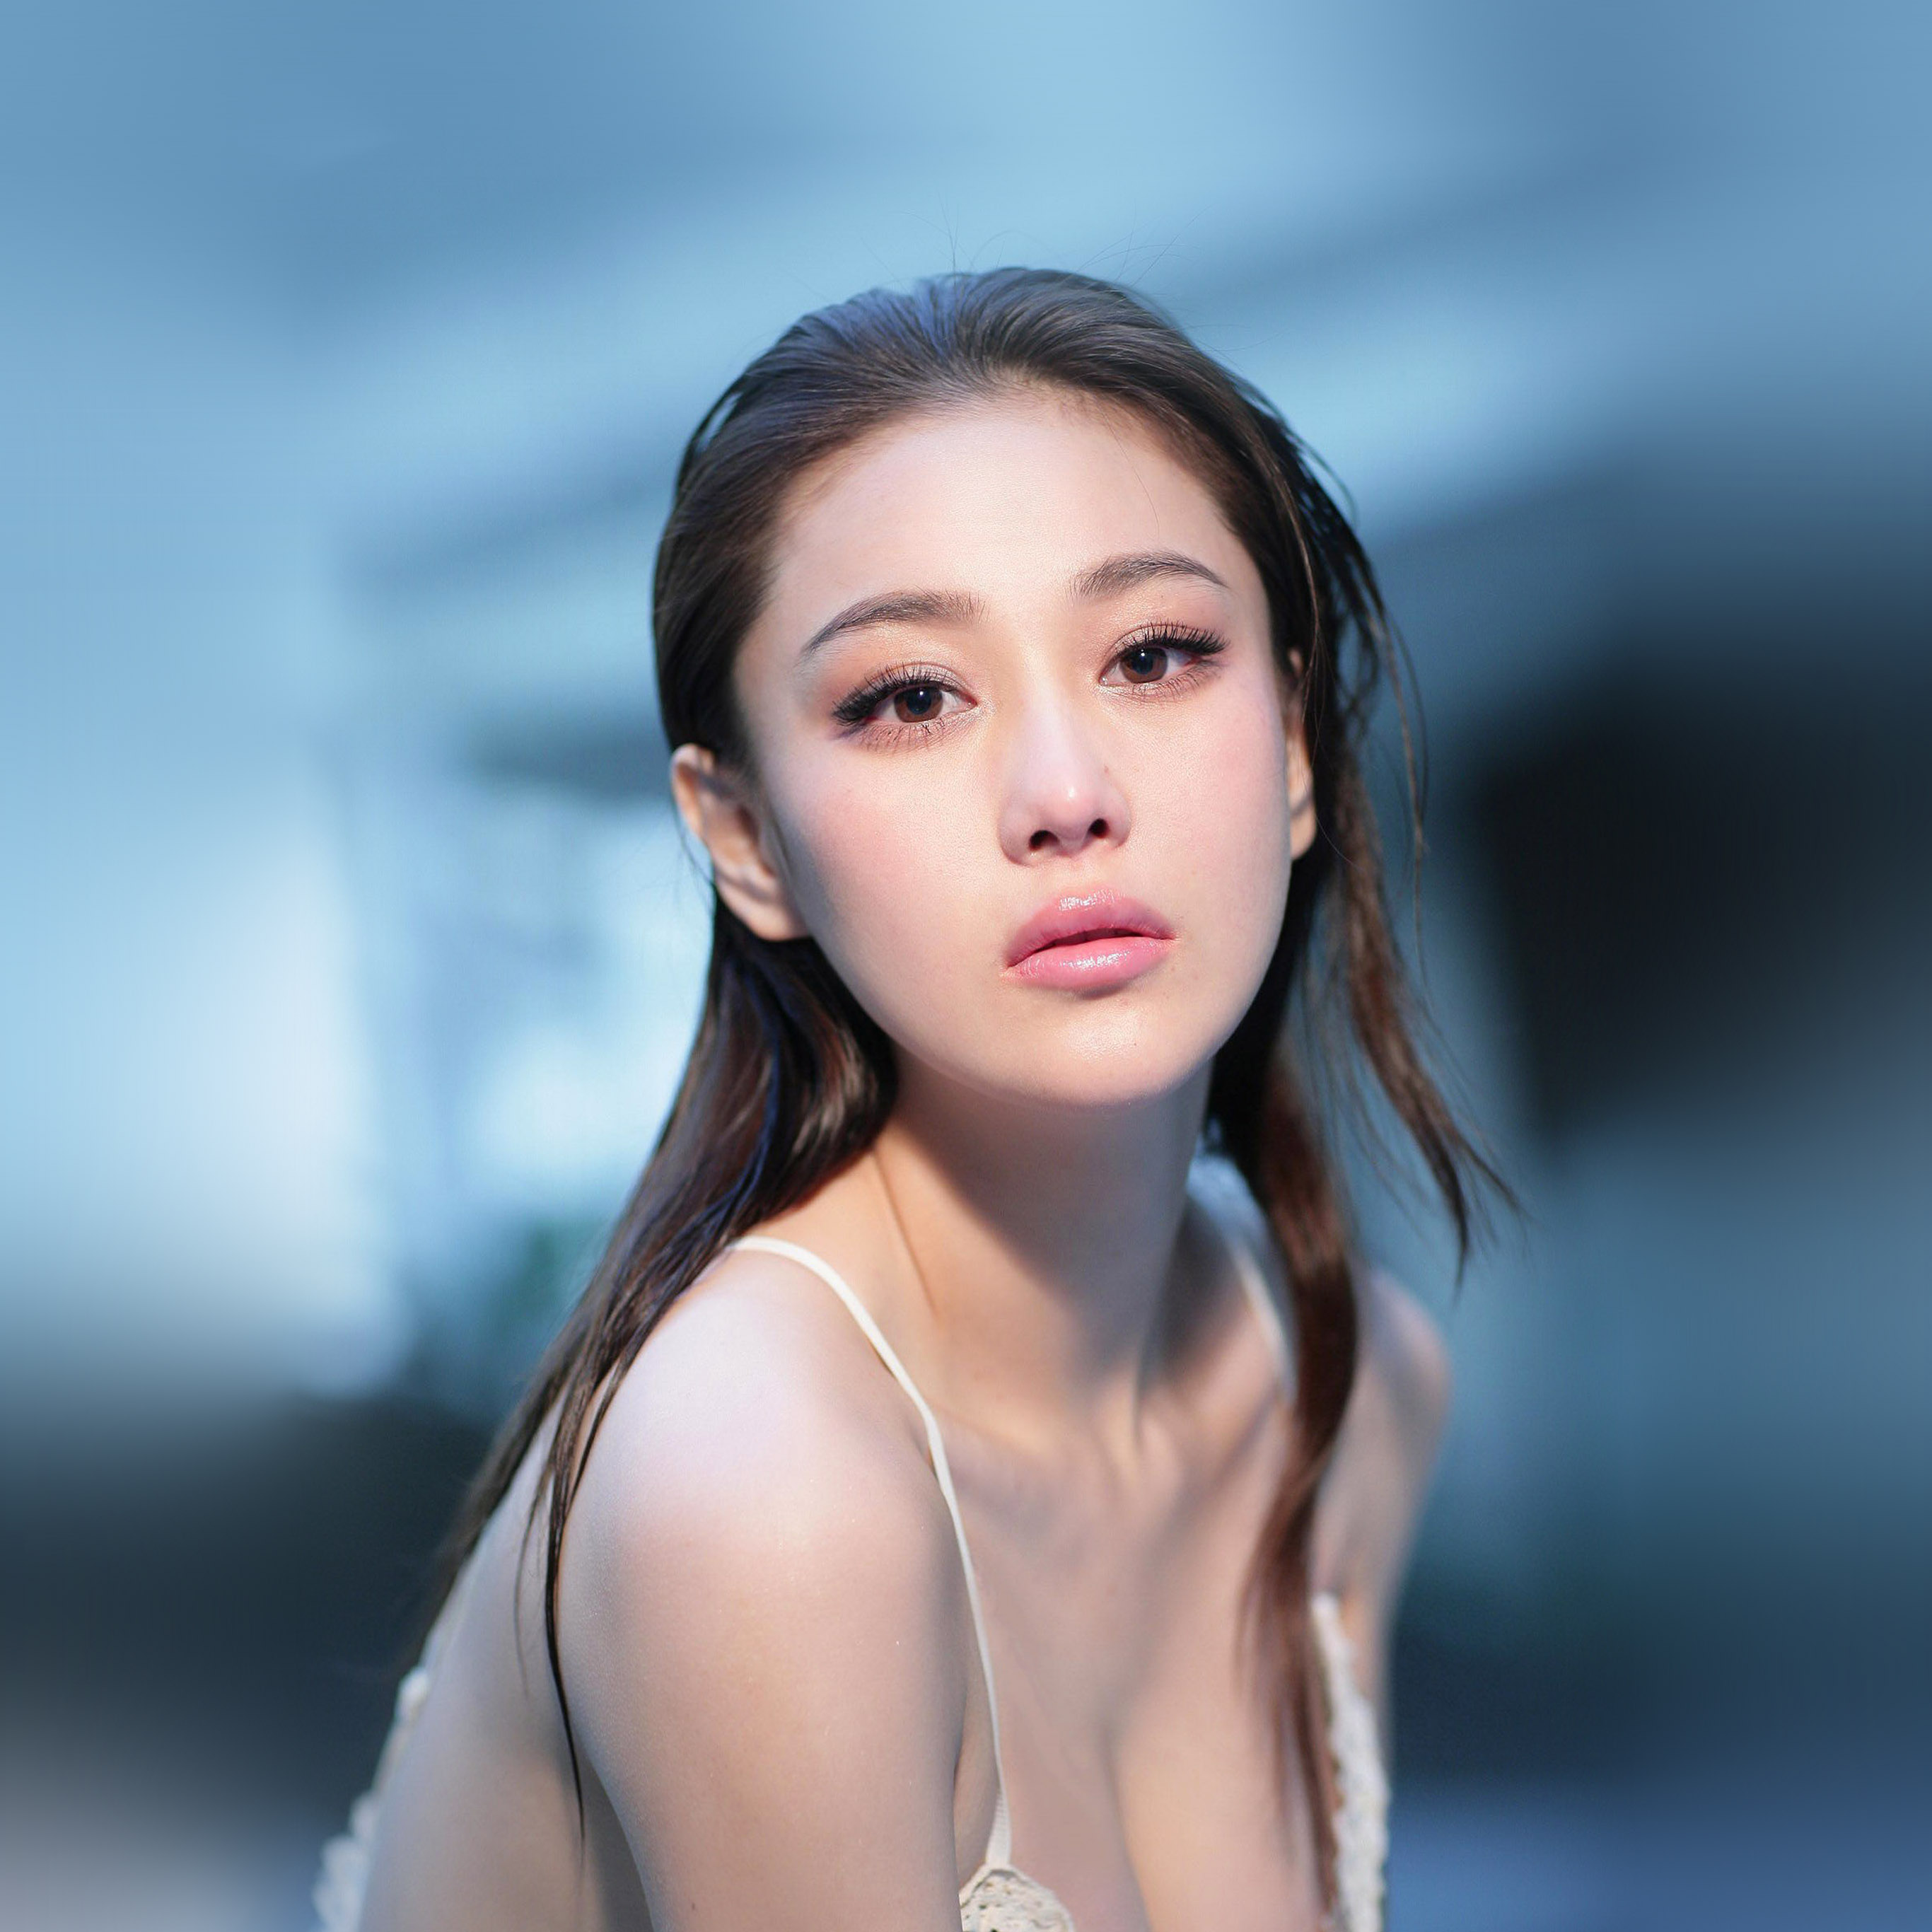 China saxy girl